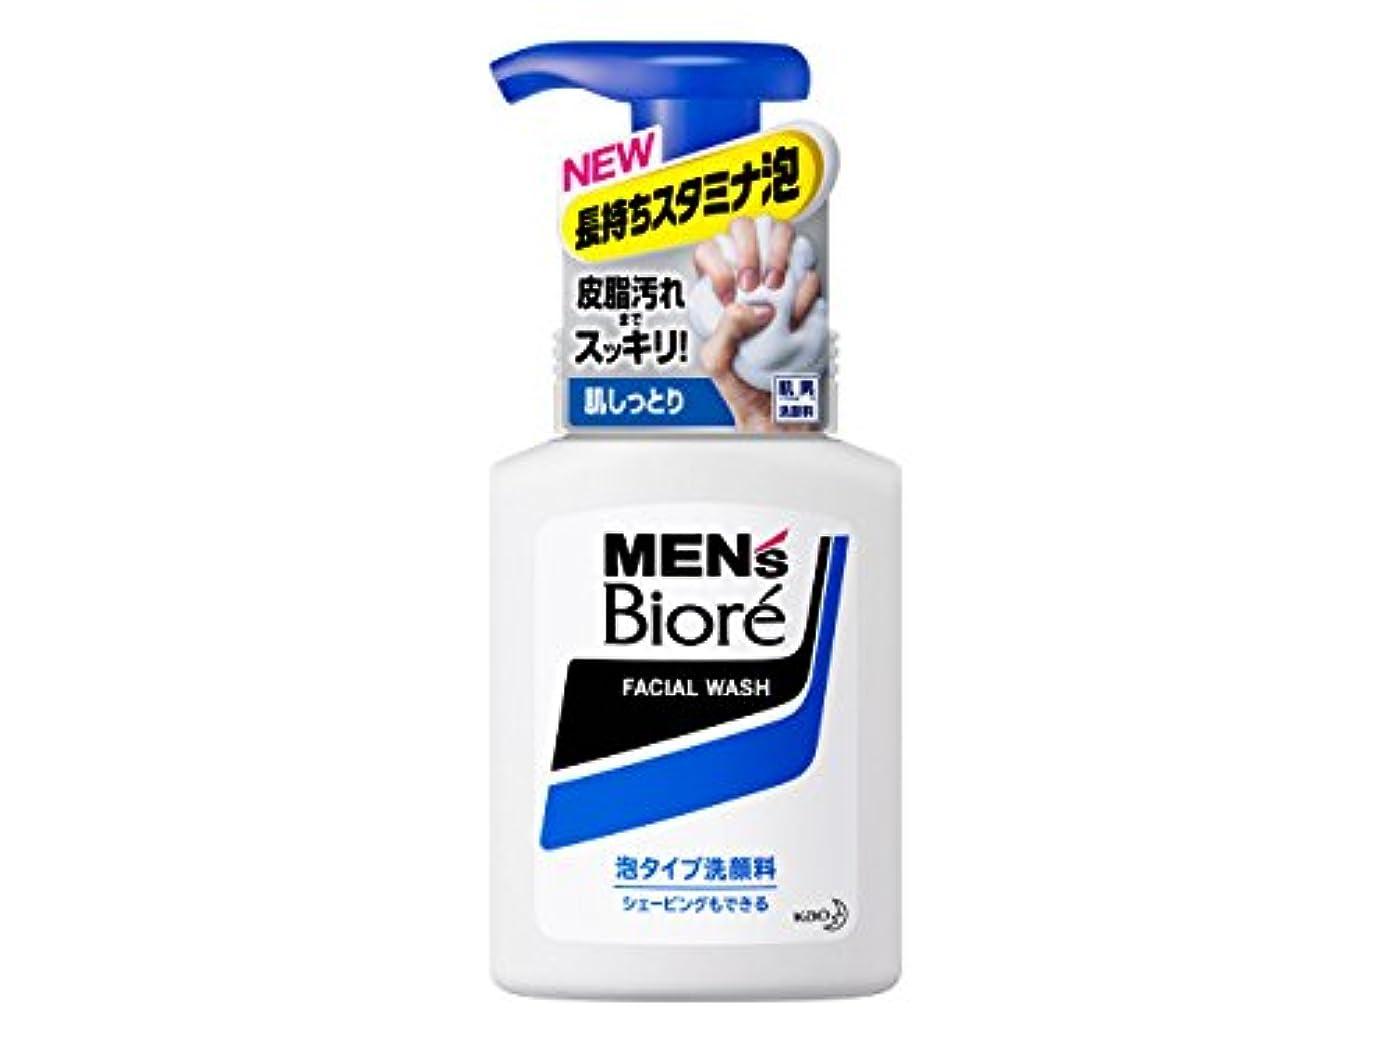 殺します挨拶する首謀者【花王】メンズビオレ 泡タイプ洗顔 150ml ×5個セット